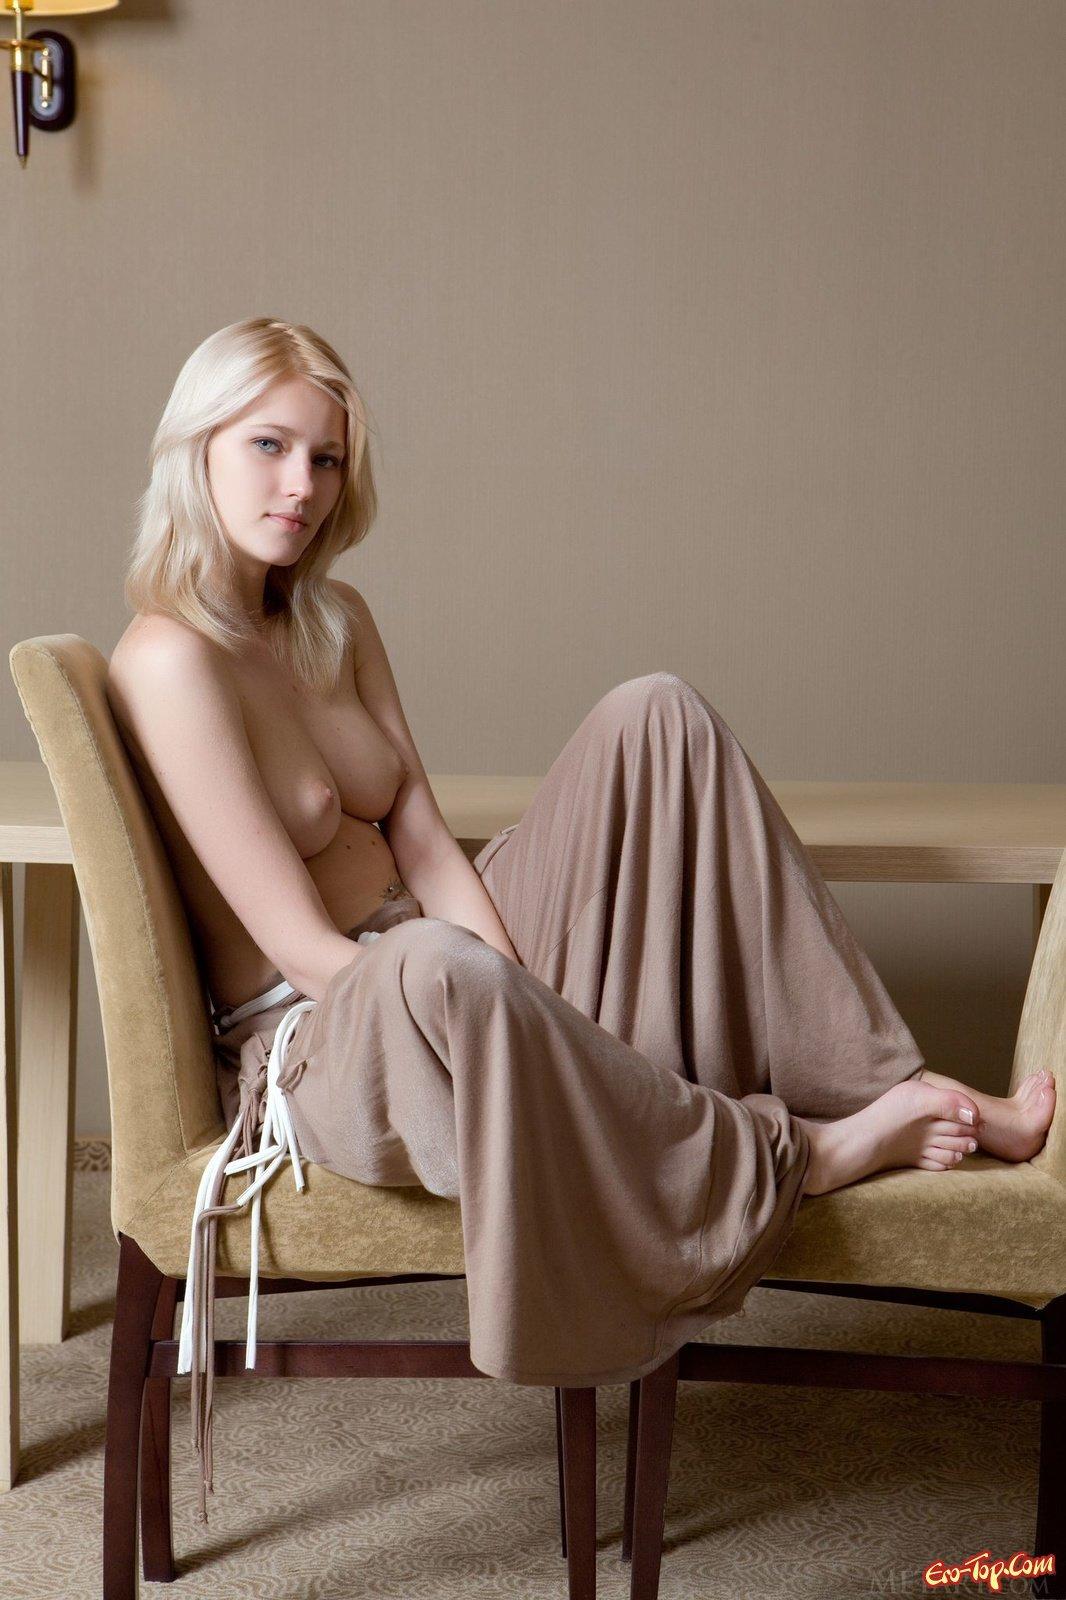 Модель со свелыми волосами демонстрирует киску в своей квартире секс фото